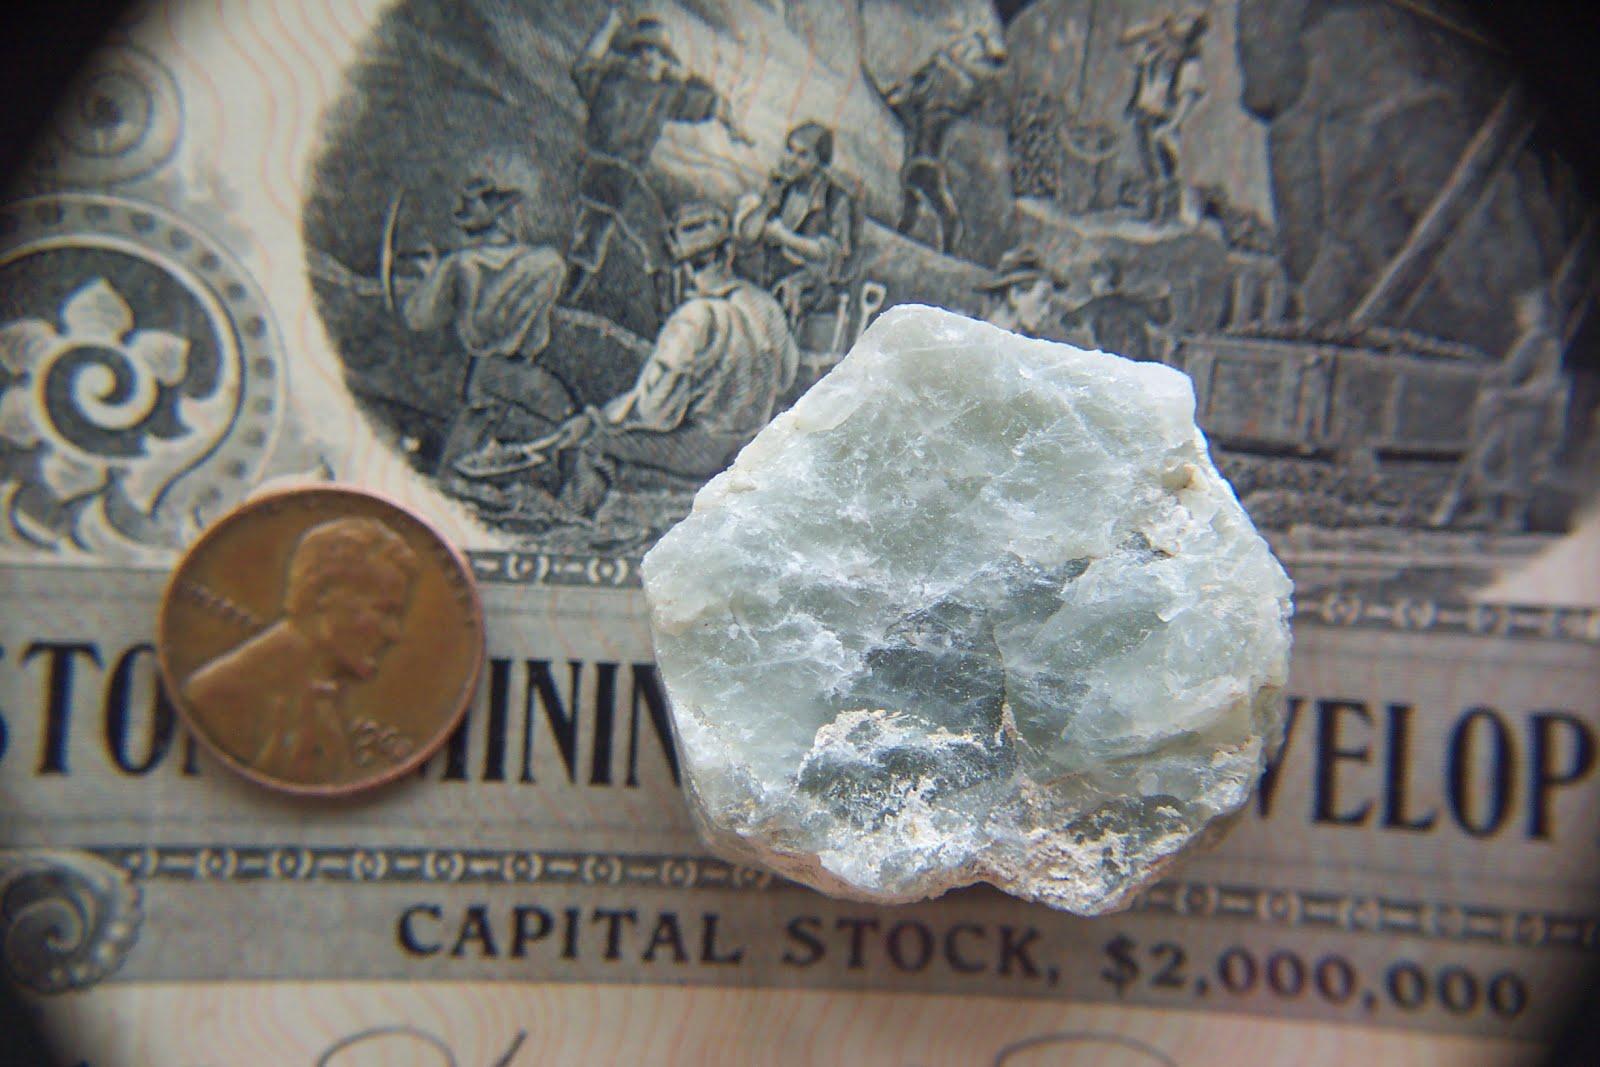 Pseudomorph of jade after quartz